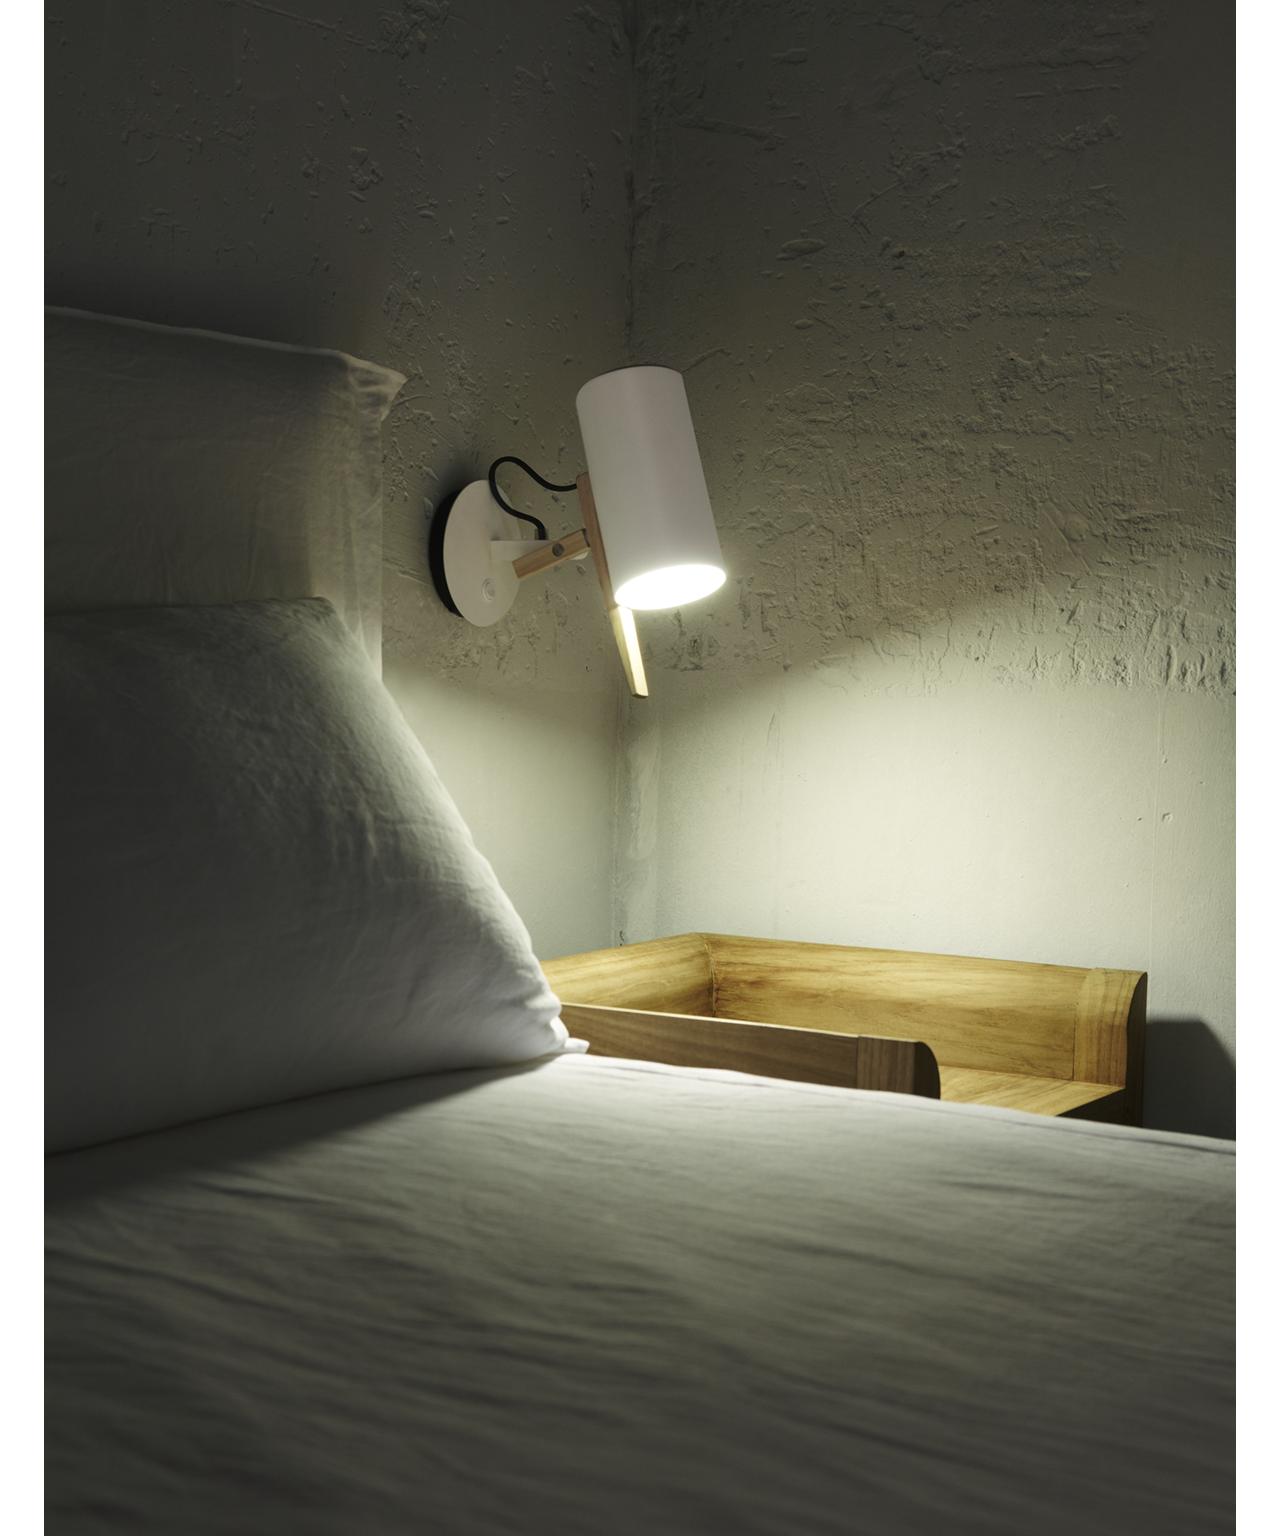 Design  Mathias Hahn for Marset  Koncept  Scantling i hvid og eg fra Marset er en væglampe med en meget stor personlighed, der har base i smukke geometriske grundformer og brugen af metal og egetræ.  Det er en usædvanlig smidig og fleksibel lampe, som du kan rotere og dermed præcisere, hvorpå du vil rette lys og skygge.  Perfekt som læselys ved sengen eller over skrivebordet.